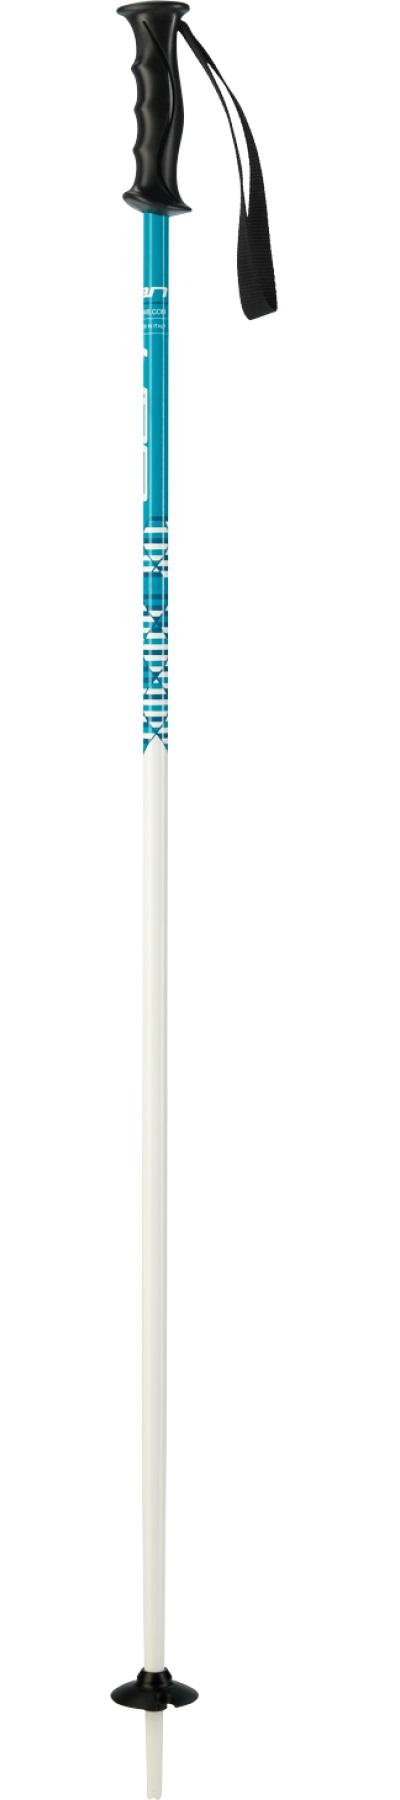 Горнолыжные палки Elan 2017-18 SP HOTrod JR BLUE (см:95) - артикул: 979600420